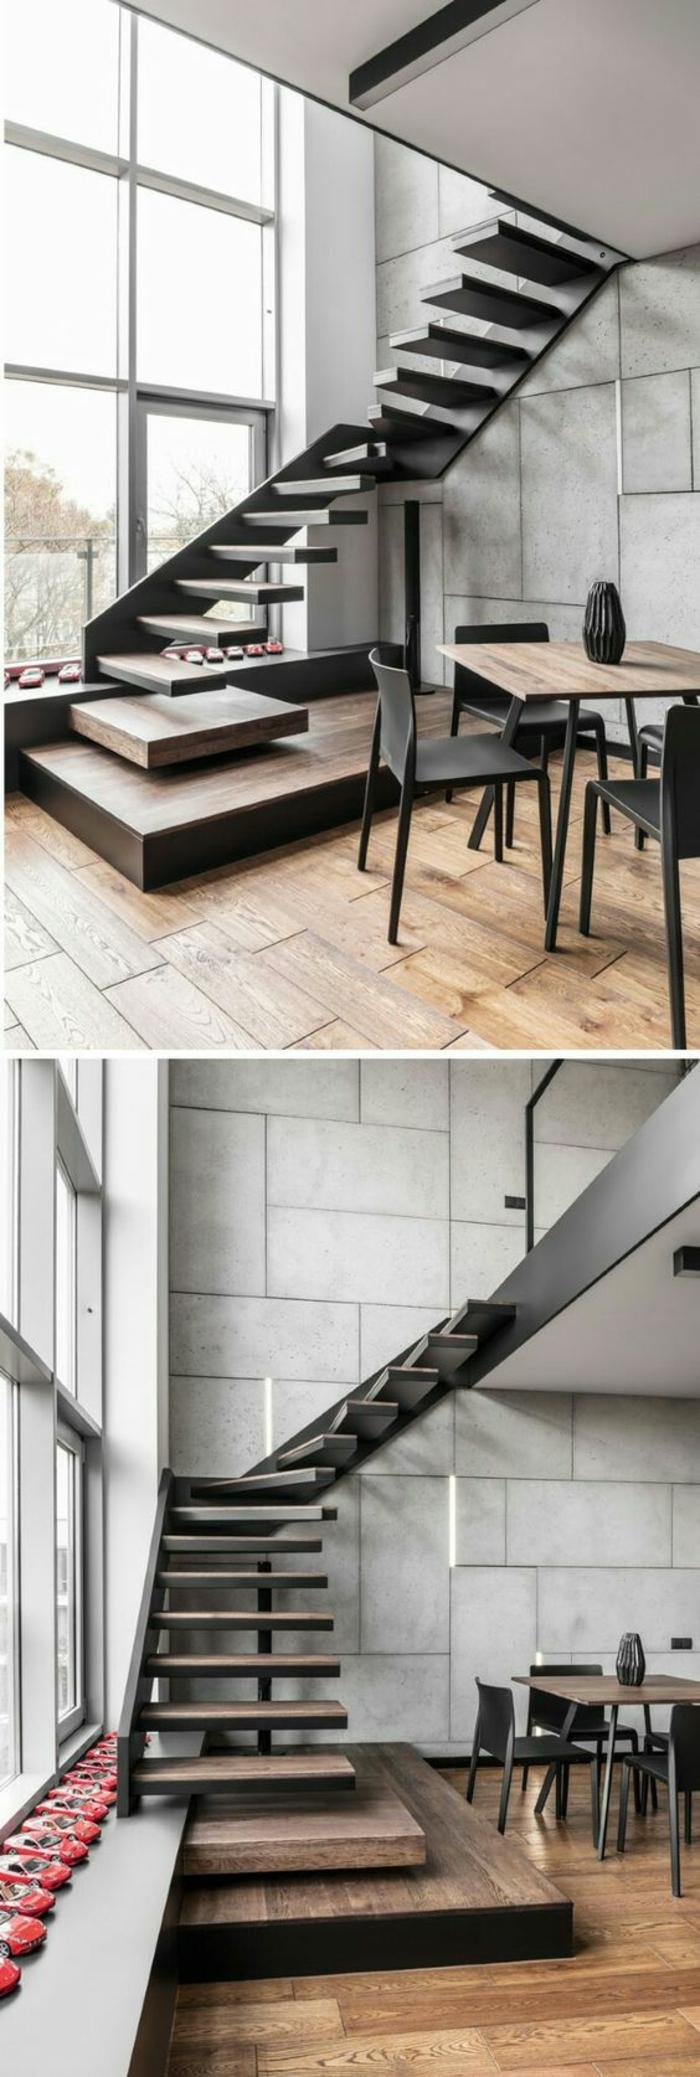 escalier moderne, escalier flin, en métal noir, murs gris, sol recouvert de parquet PVC, marches sans garde corps